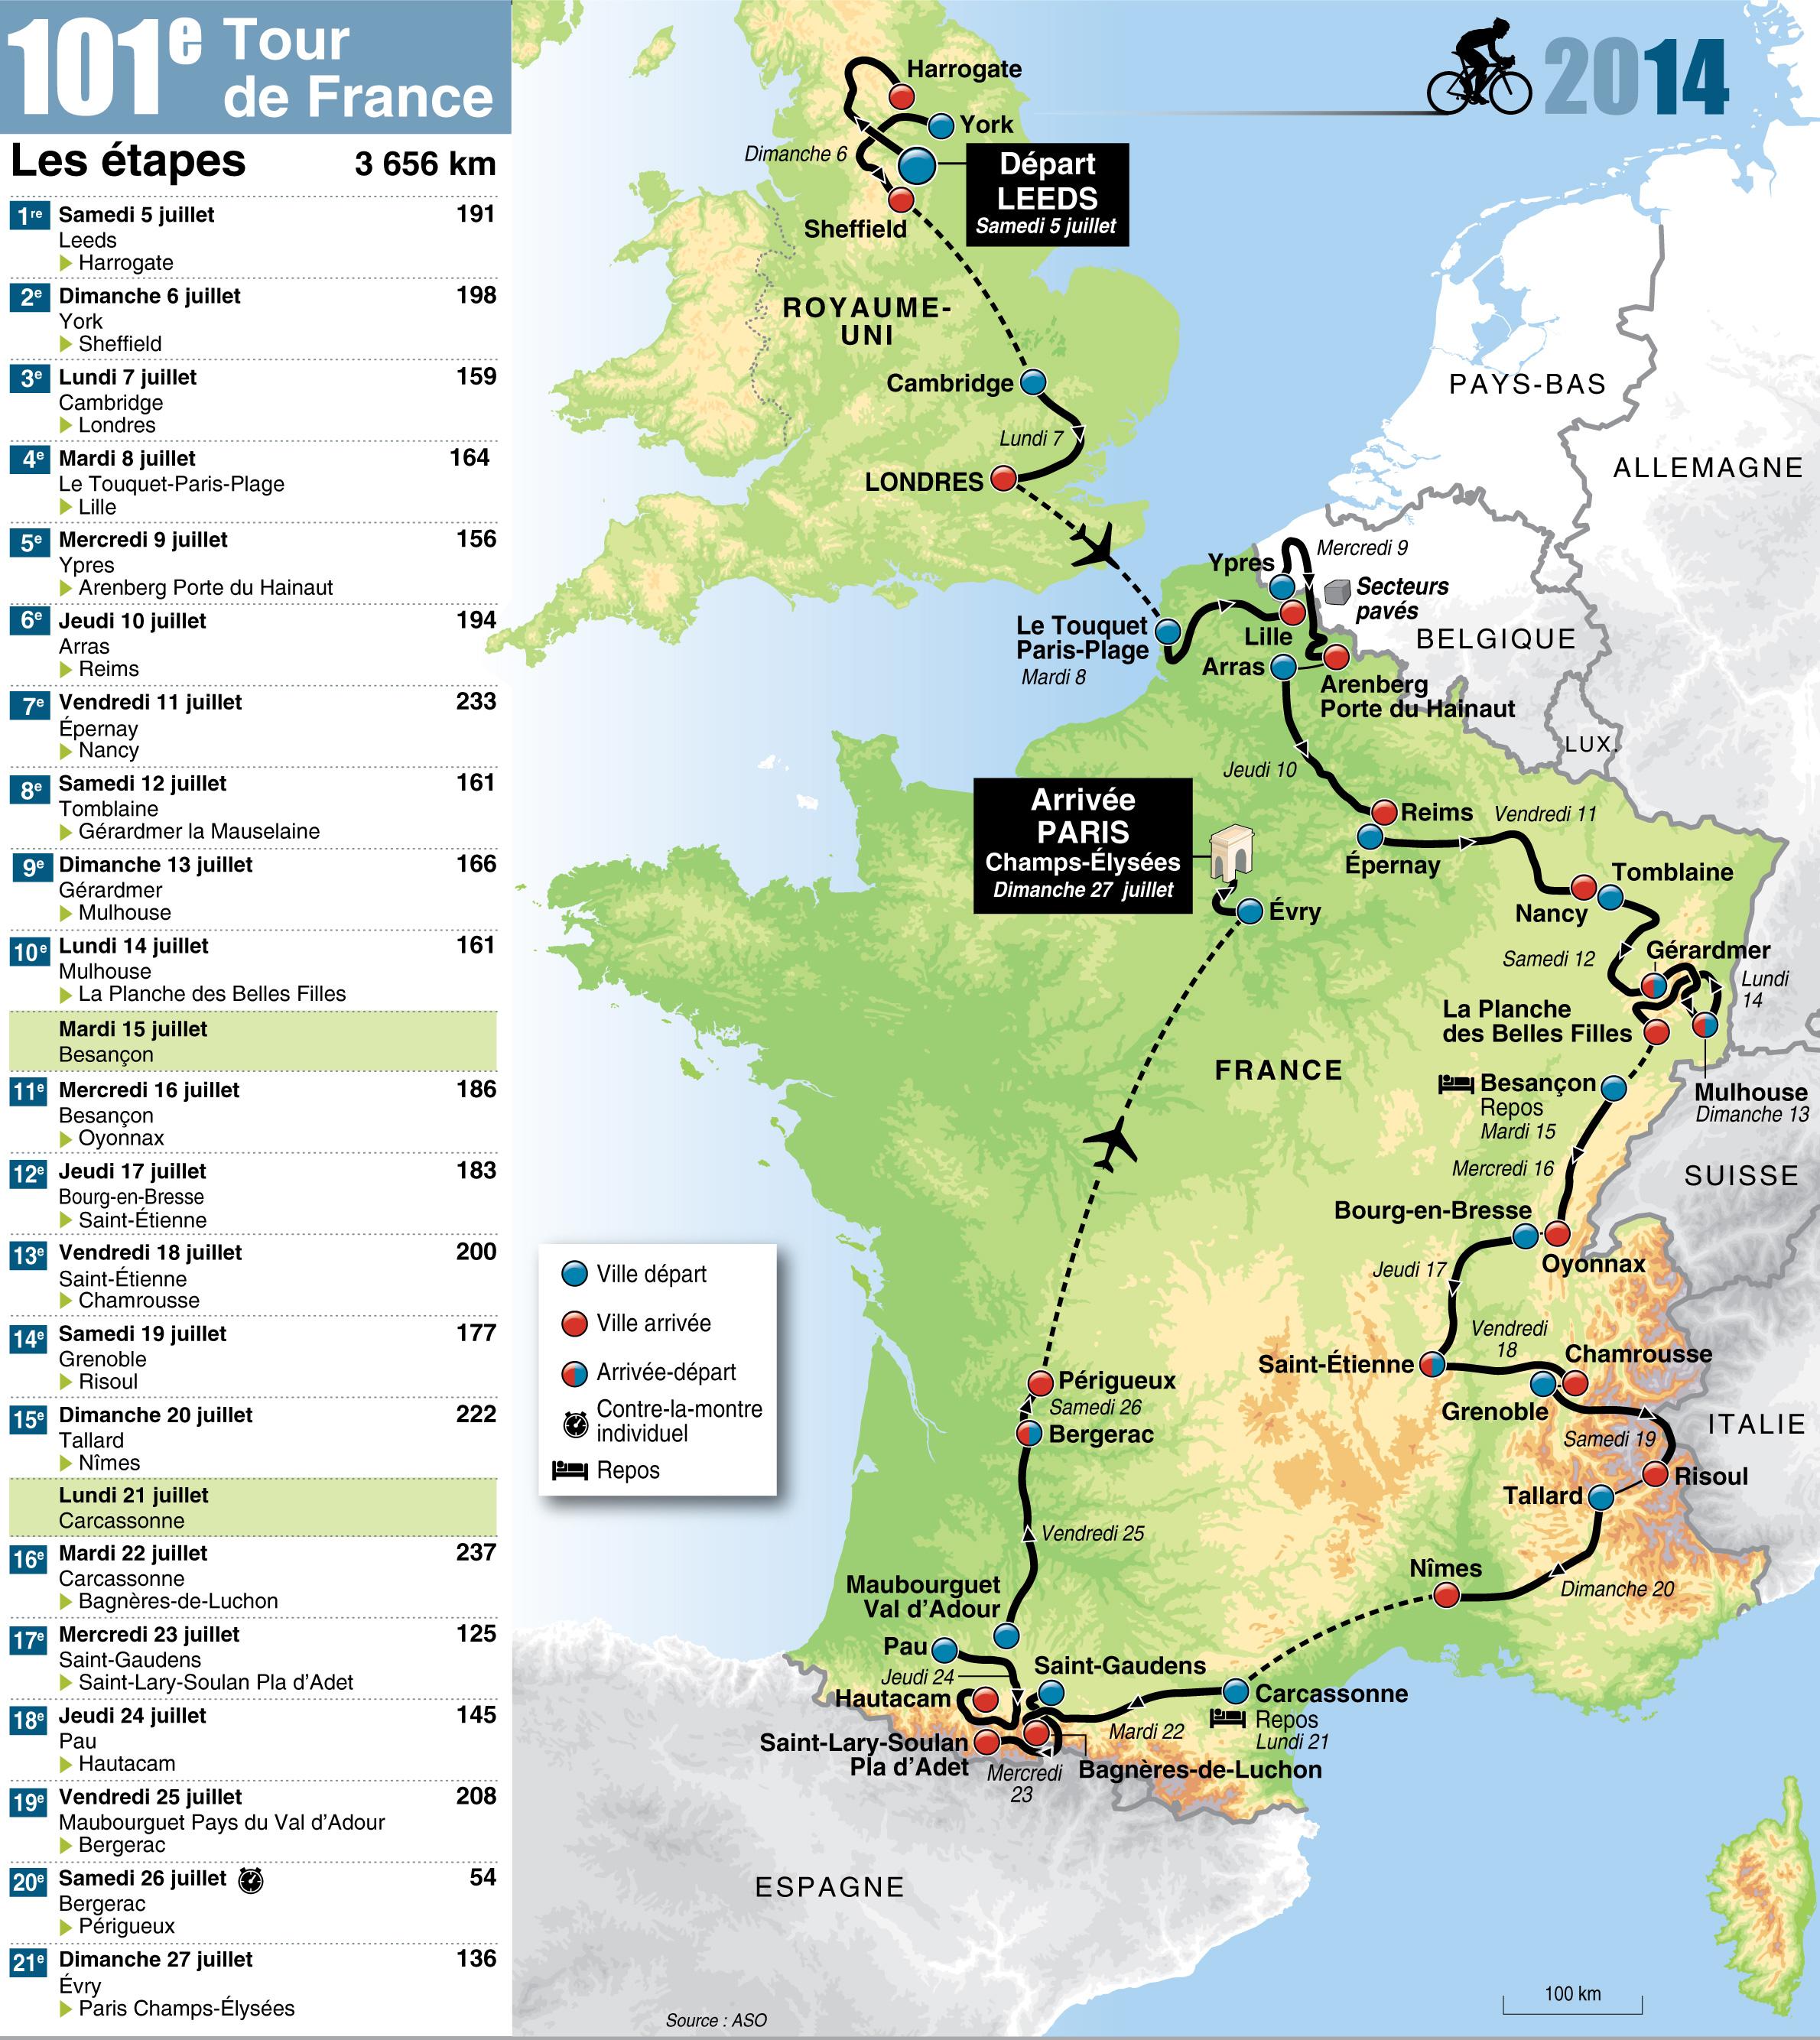 parcours-du-tour-de-france-2014